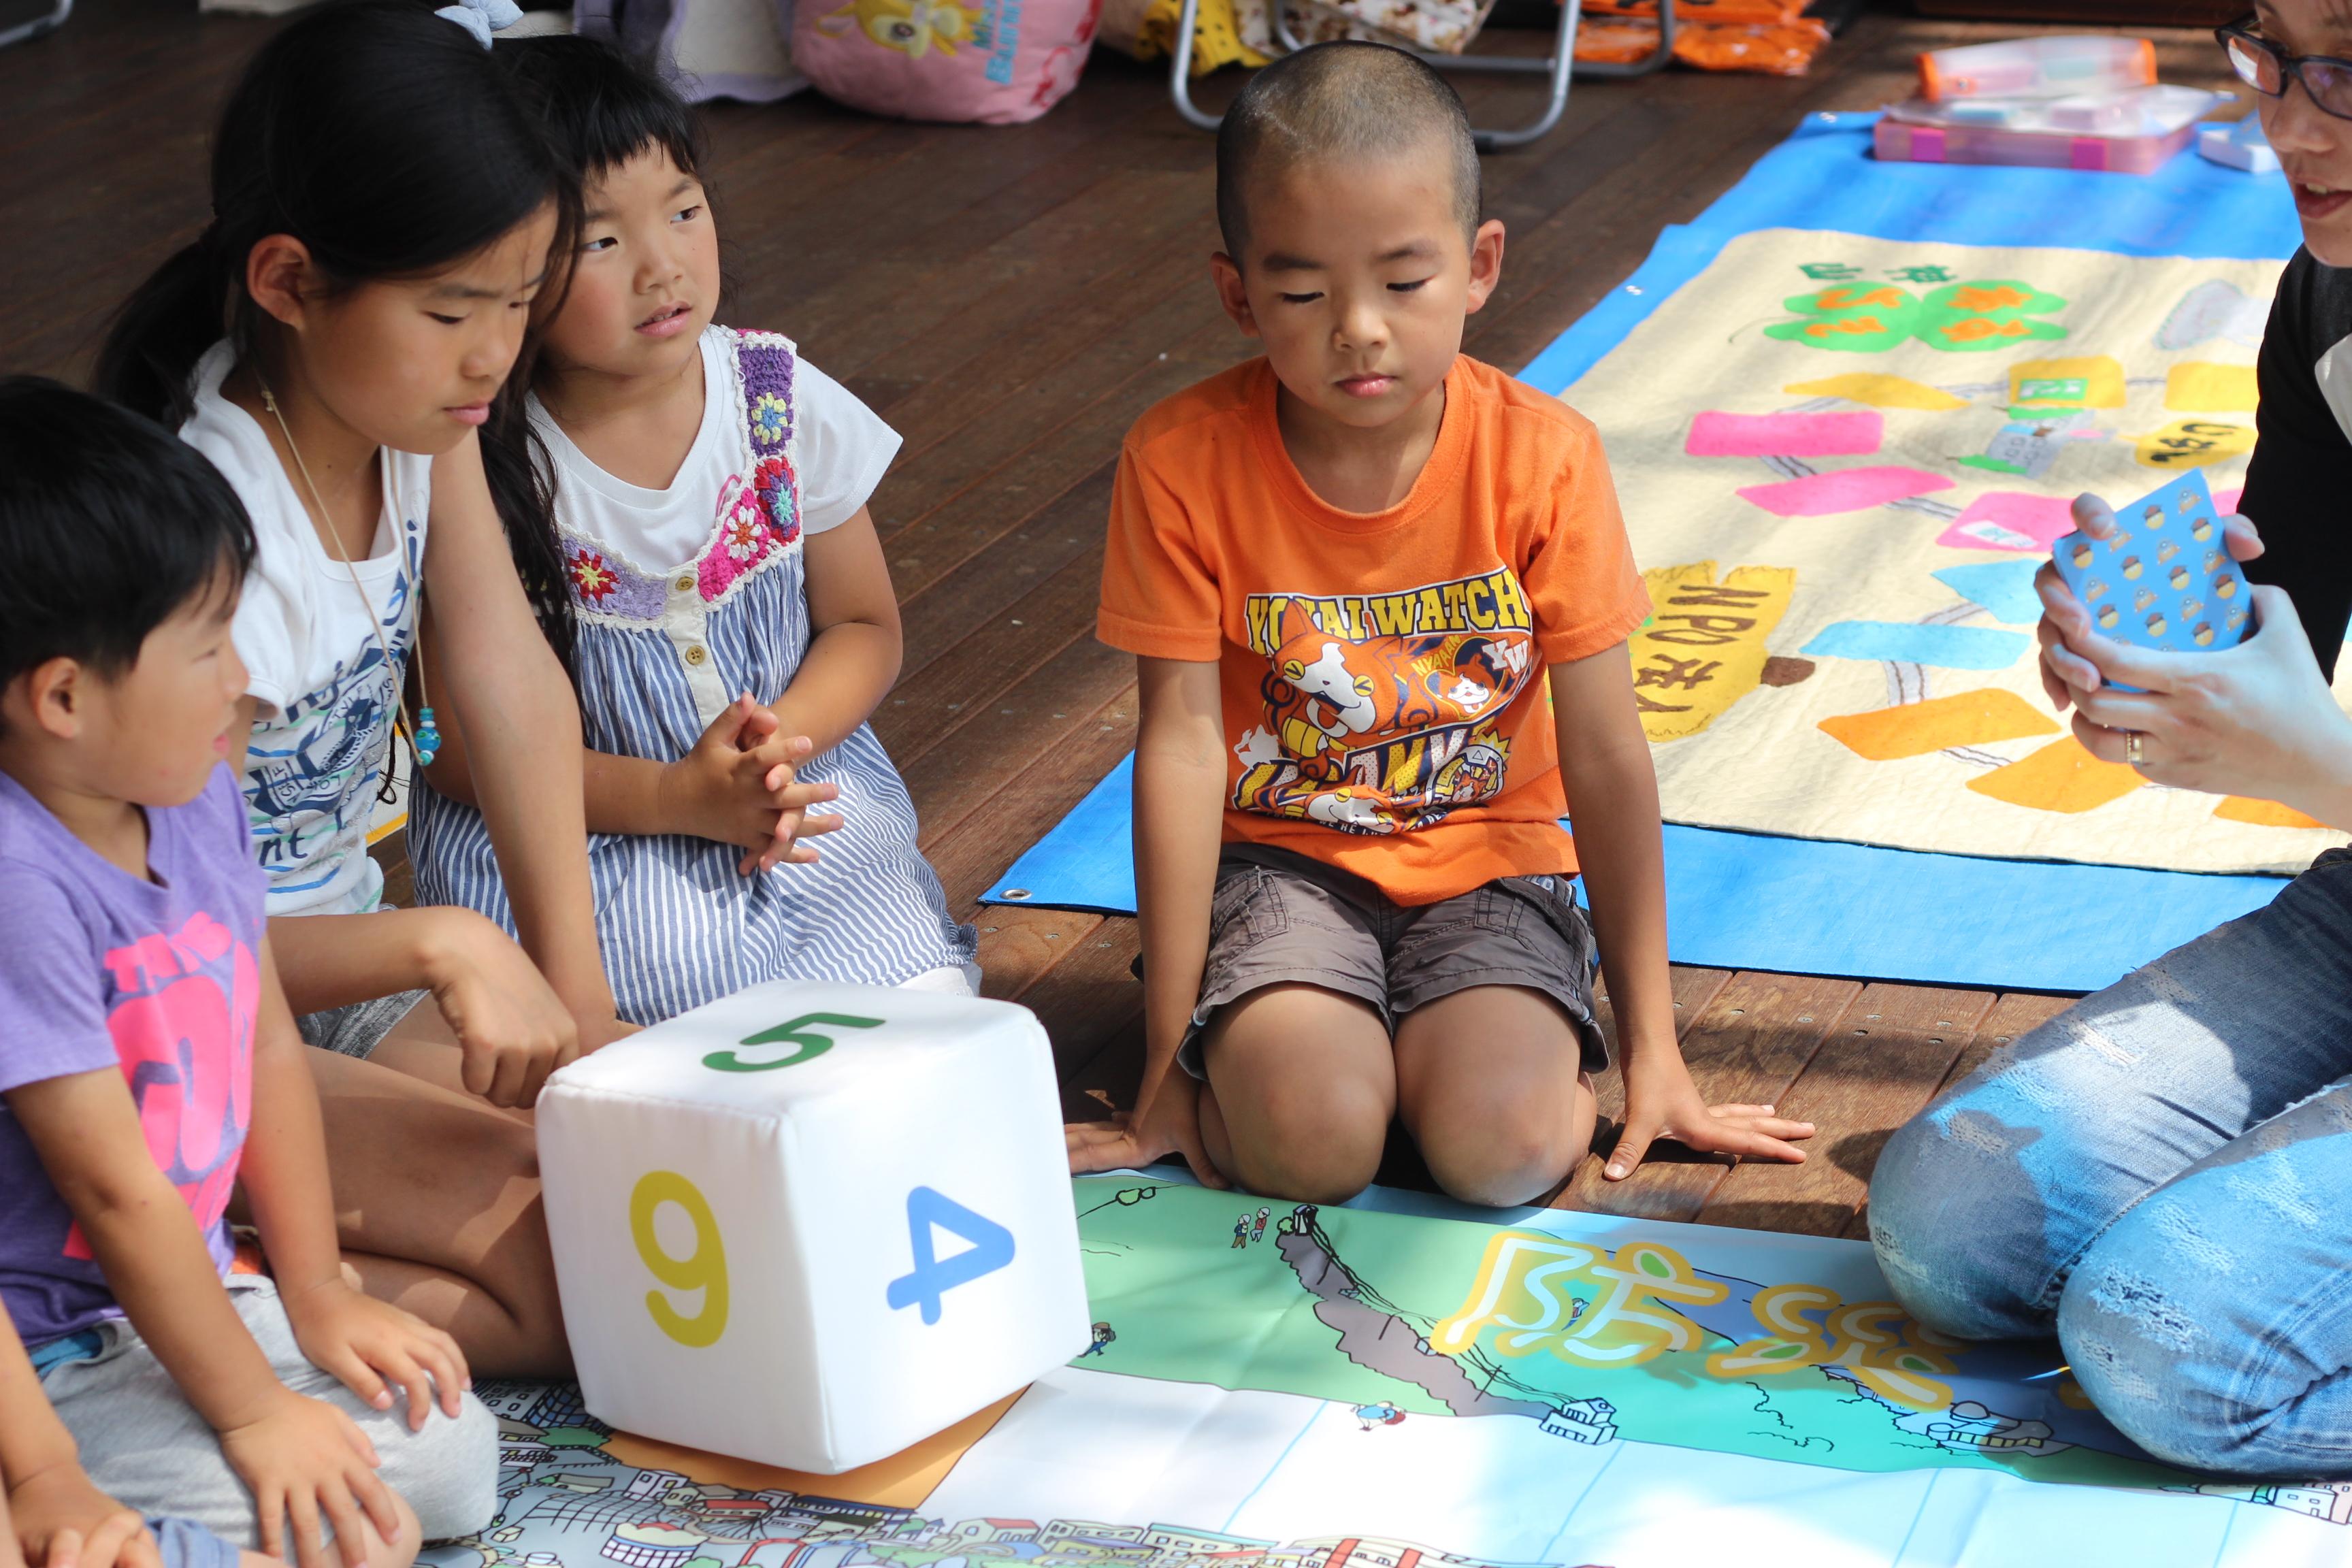 楽しいがコンセプト!子ども大人も楽しめる防災ゲームで日本中の防災力をアップせよ!